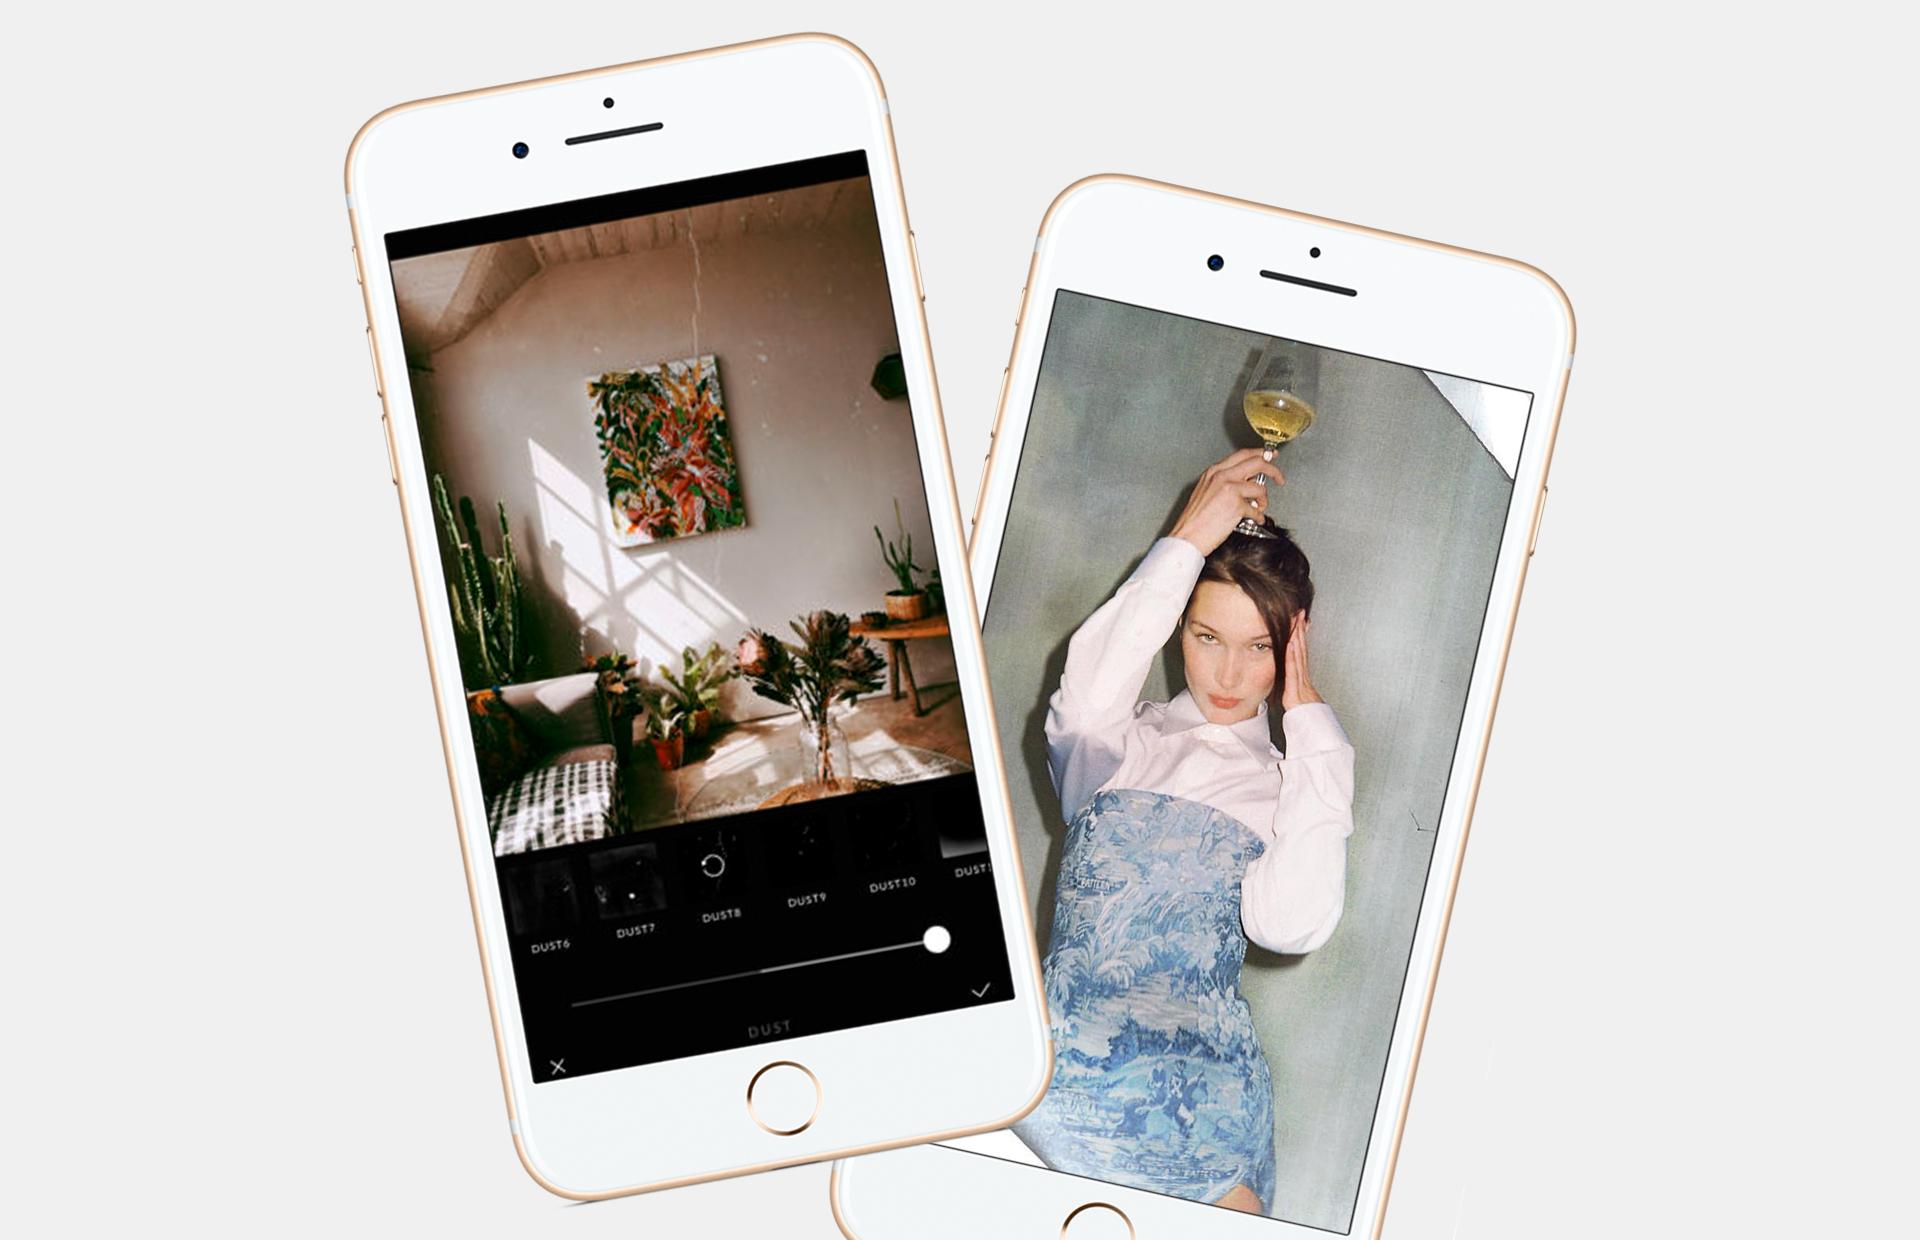 открыток ширина что за приложение для фото в инстаграм решения сложная работа